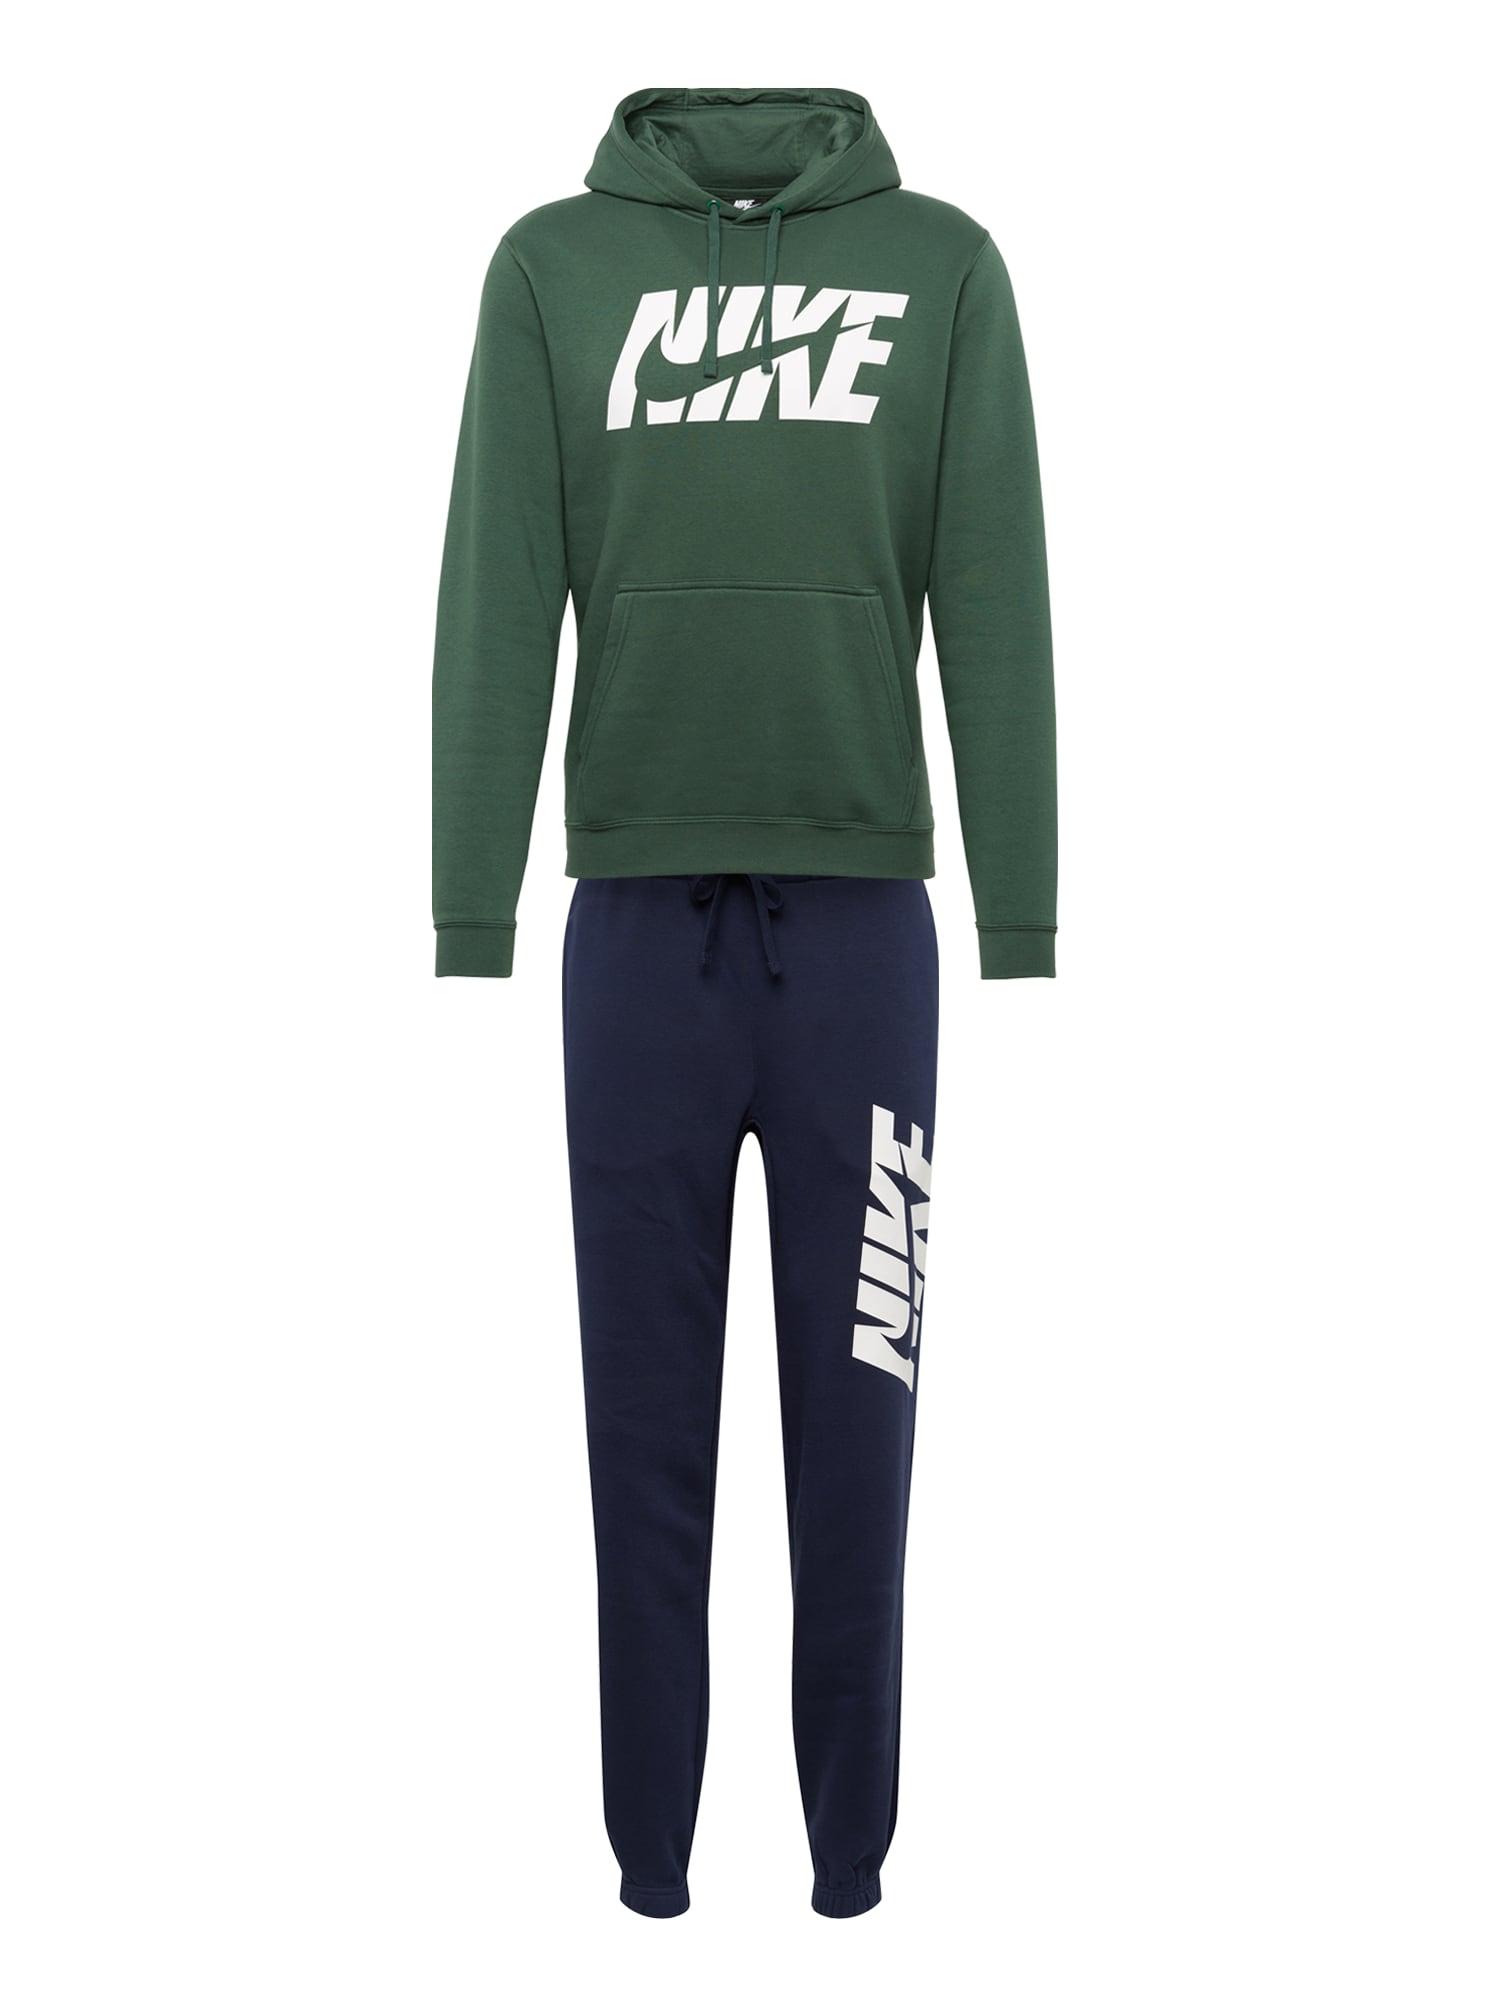 Domácí oblečení M NSW TRK SUIT FLC GX tmavě modrá tmavě zelená Nike Sportswear